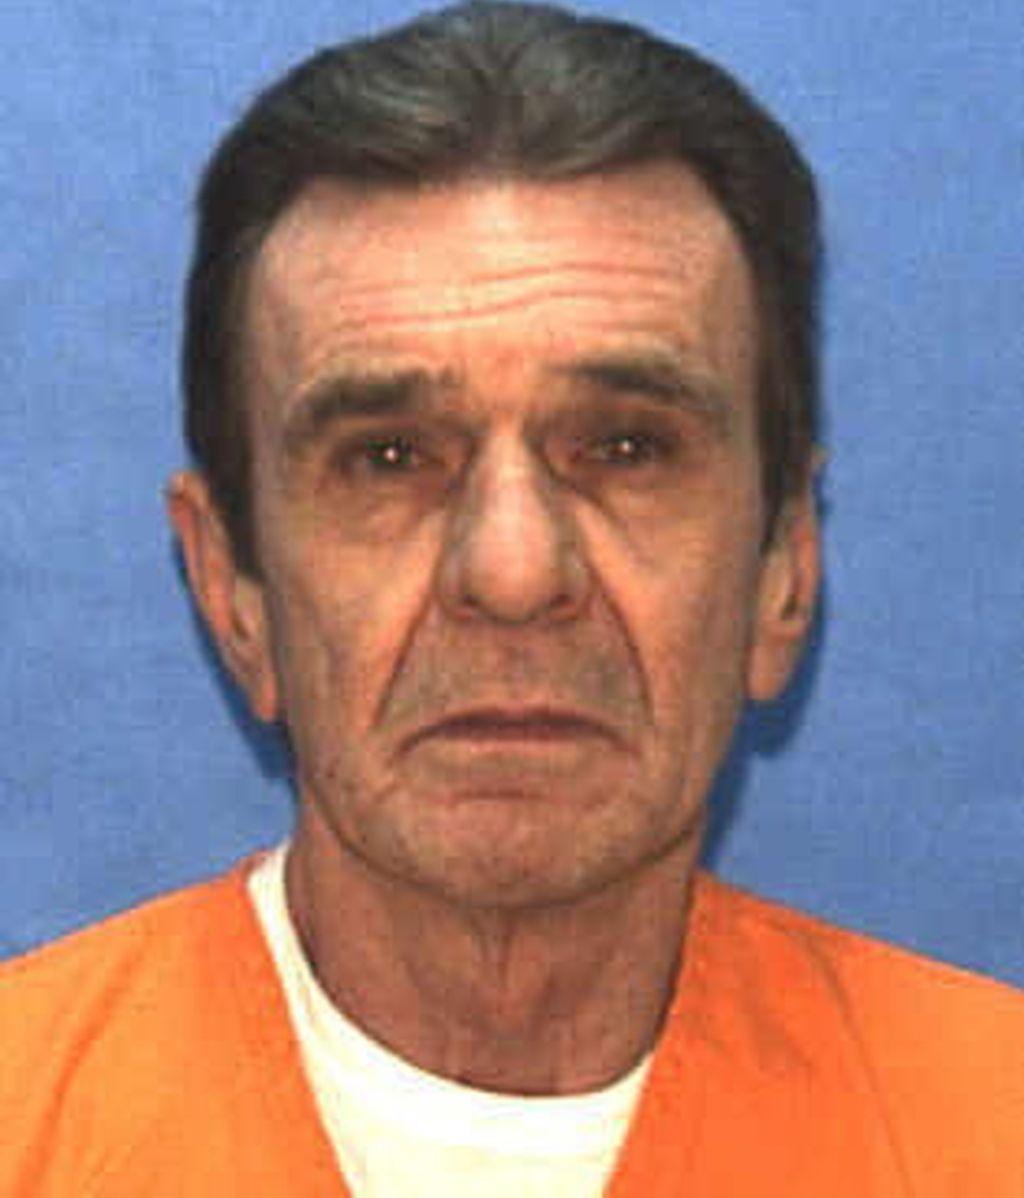 Florida ejecuta a Robert Waterhouse, el preso más antiguo de su corredor de la muerte